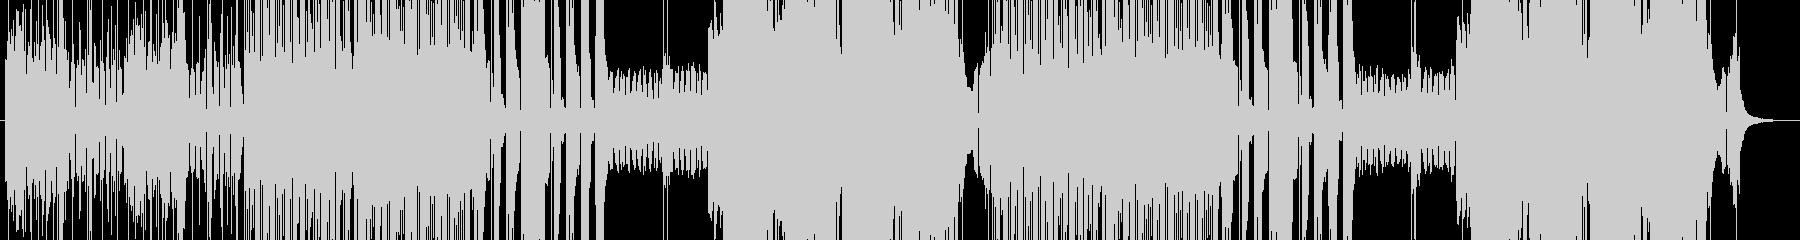 「ハード/ヘヴィ/ダーク」BGM64の未再生の波形